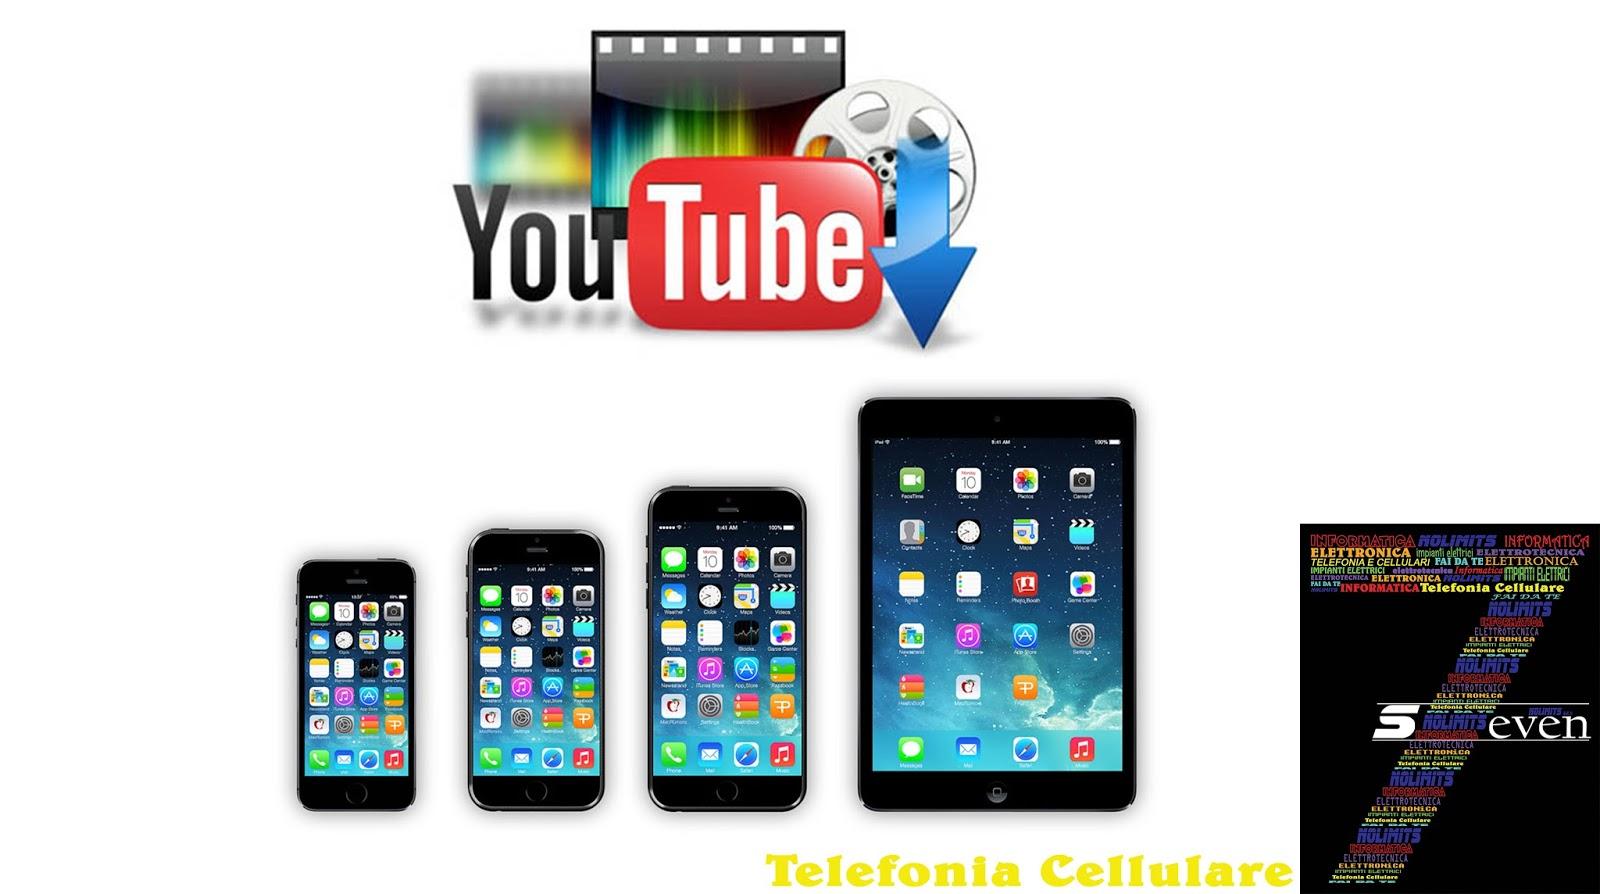 come scaricare musica da youtube su iphone 5s